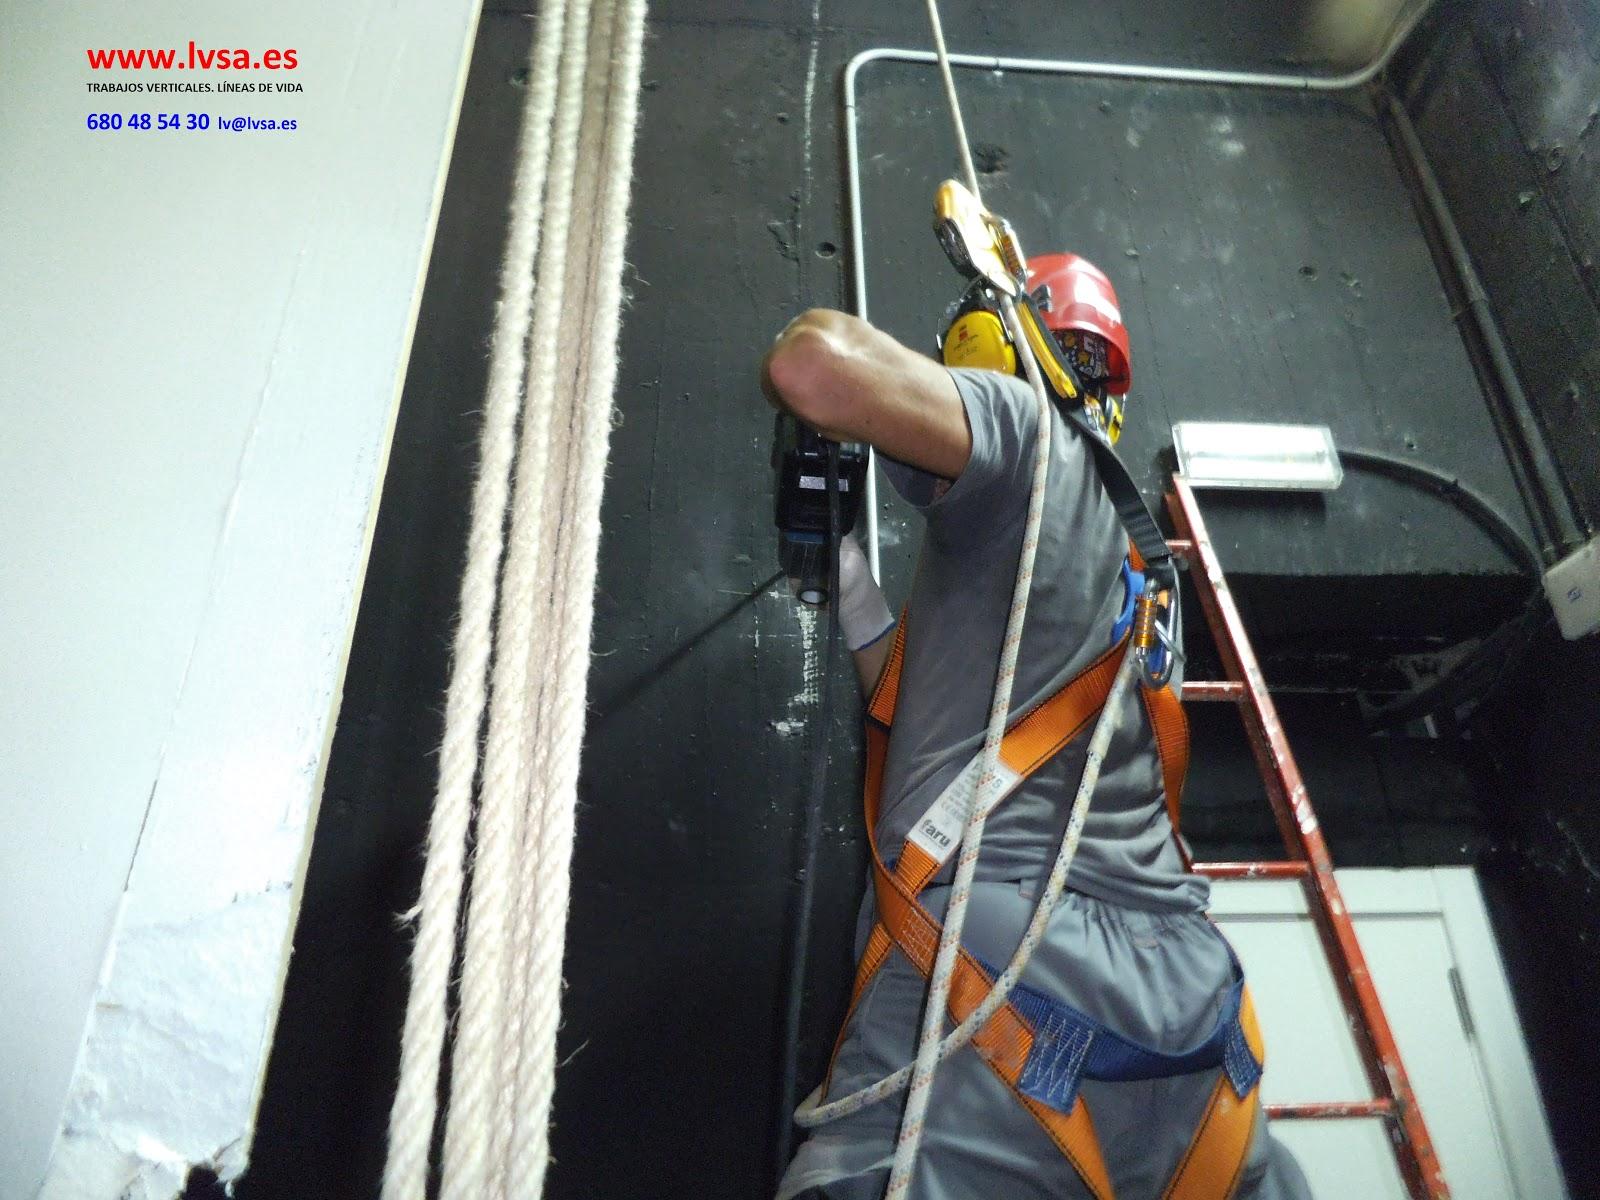 Instalaci n de l nea de vida trabajos verticales en alicante - Trabajos verticales en alicante ...